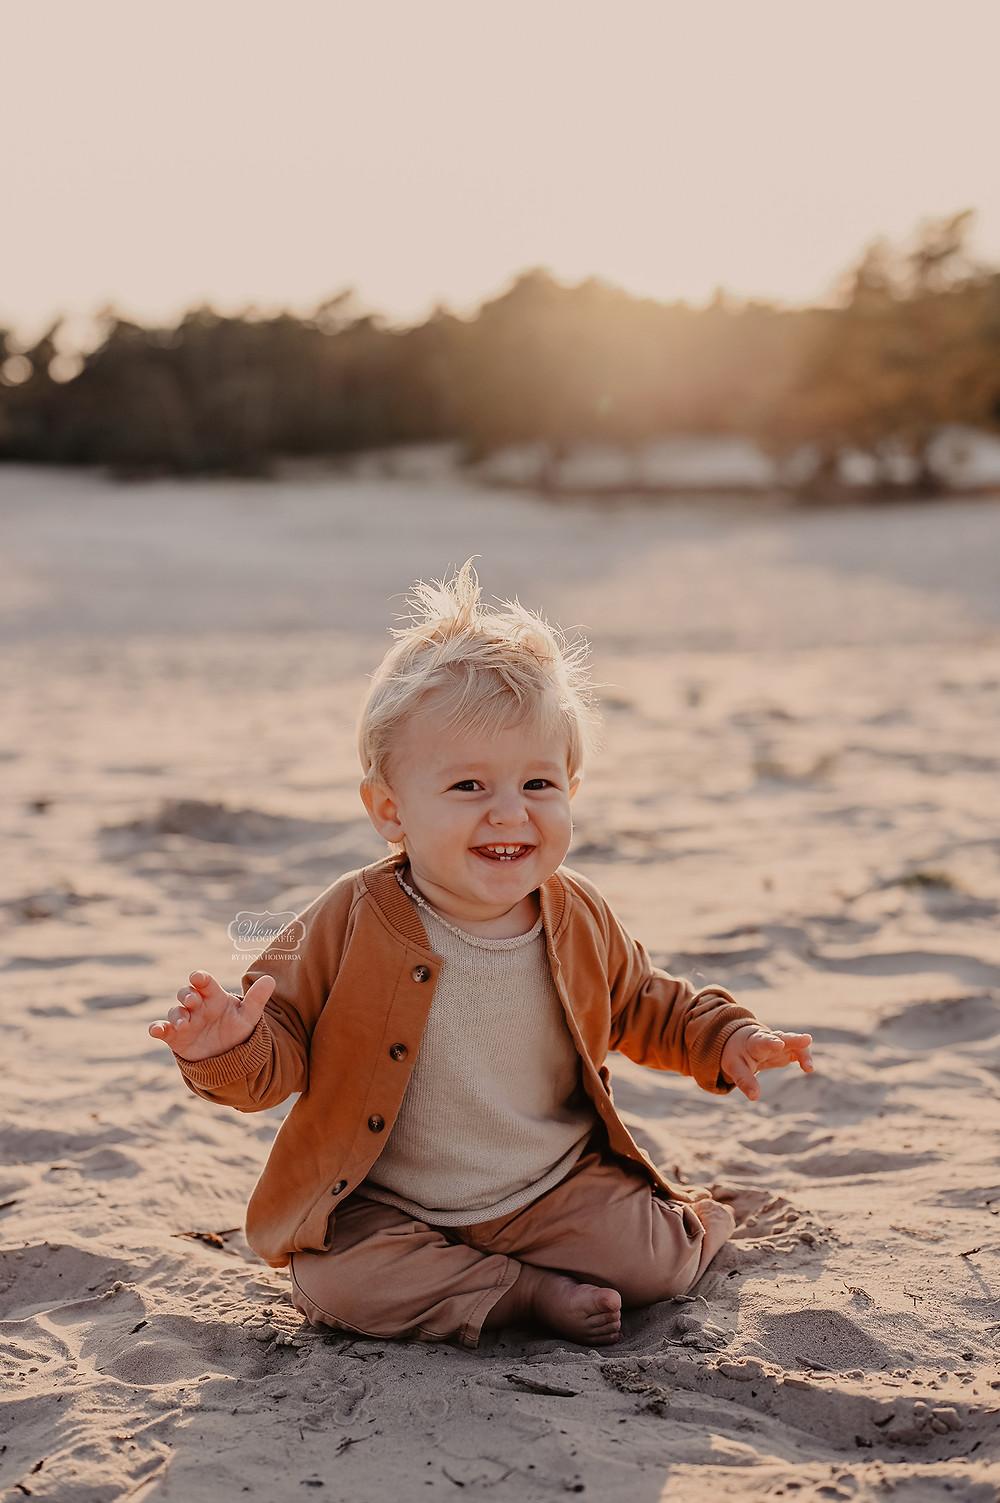 gezinsfotoshoot gezinsshoot gezin shoot buiten zandvlakte zandverstuiving overijssel ommen friesland gouden uurtje